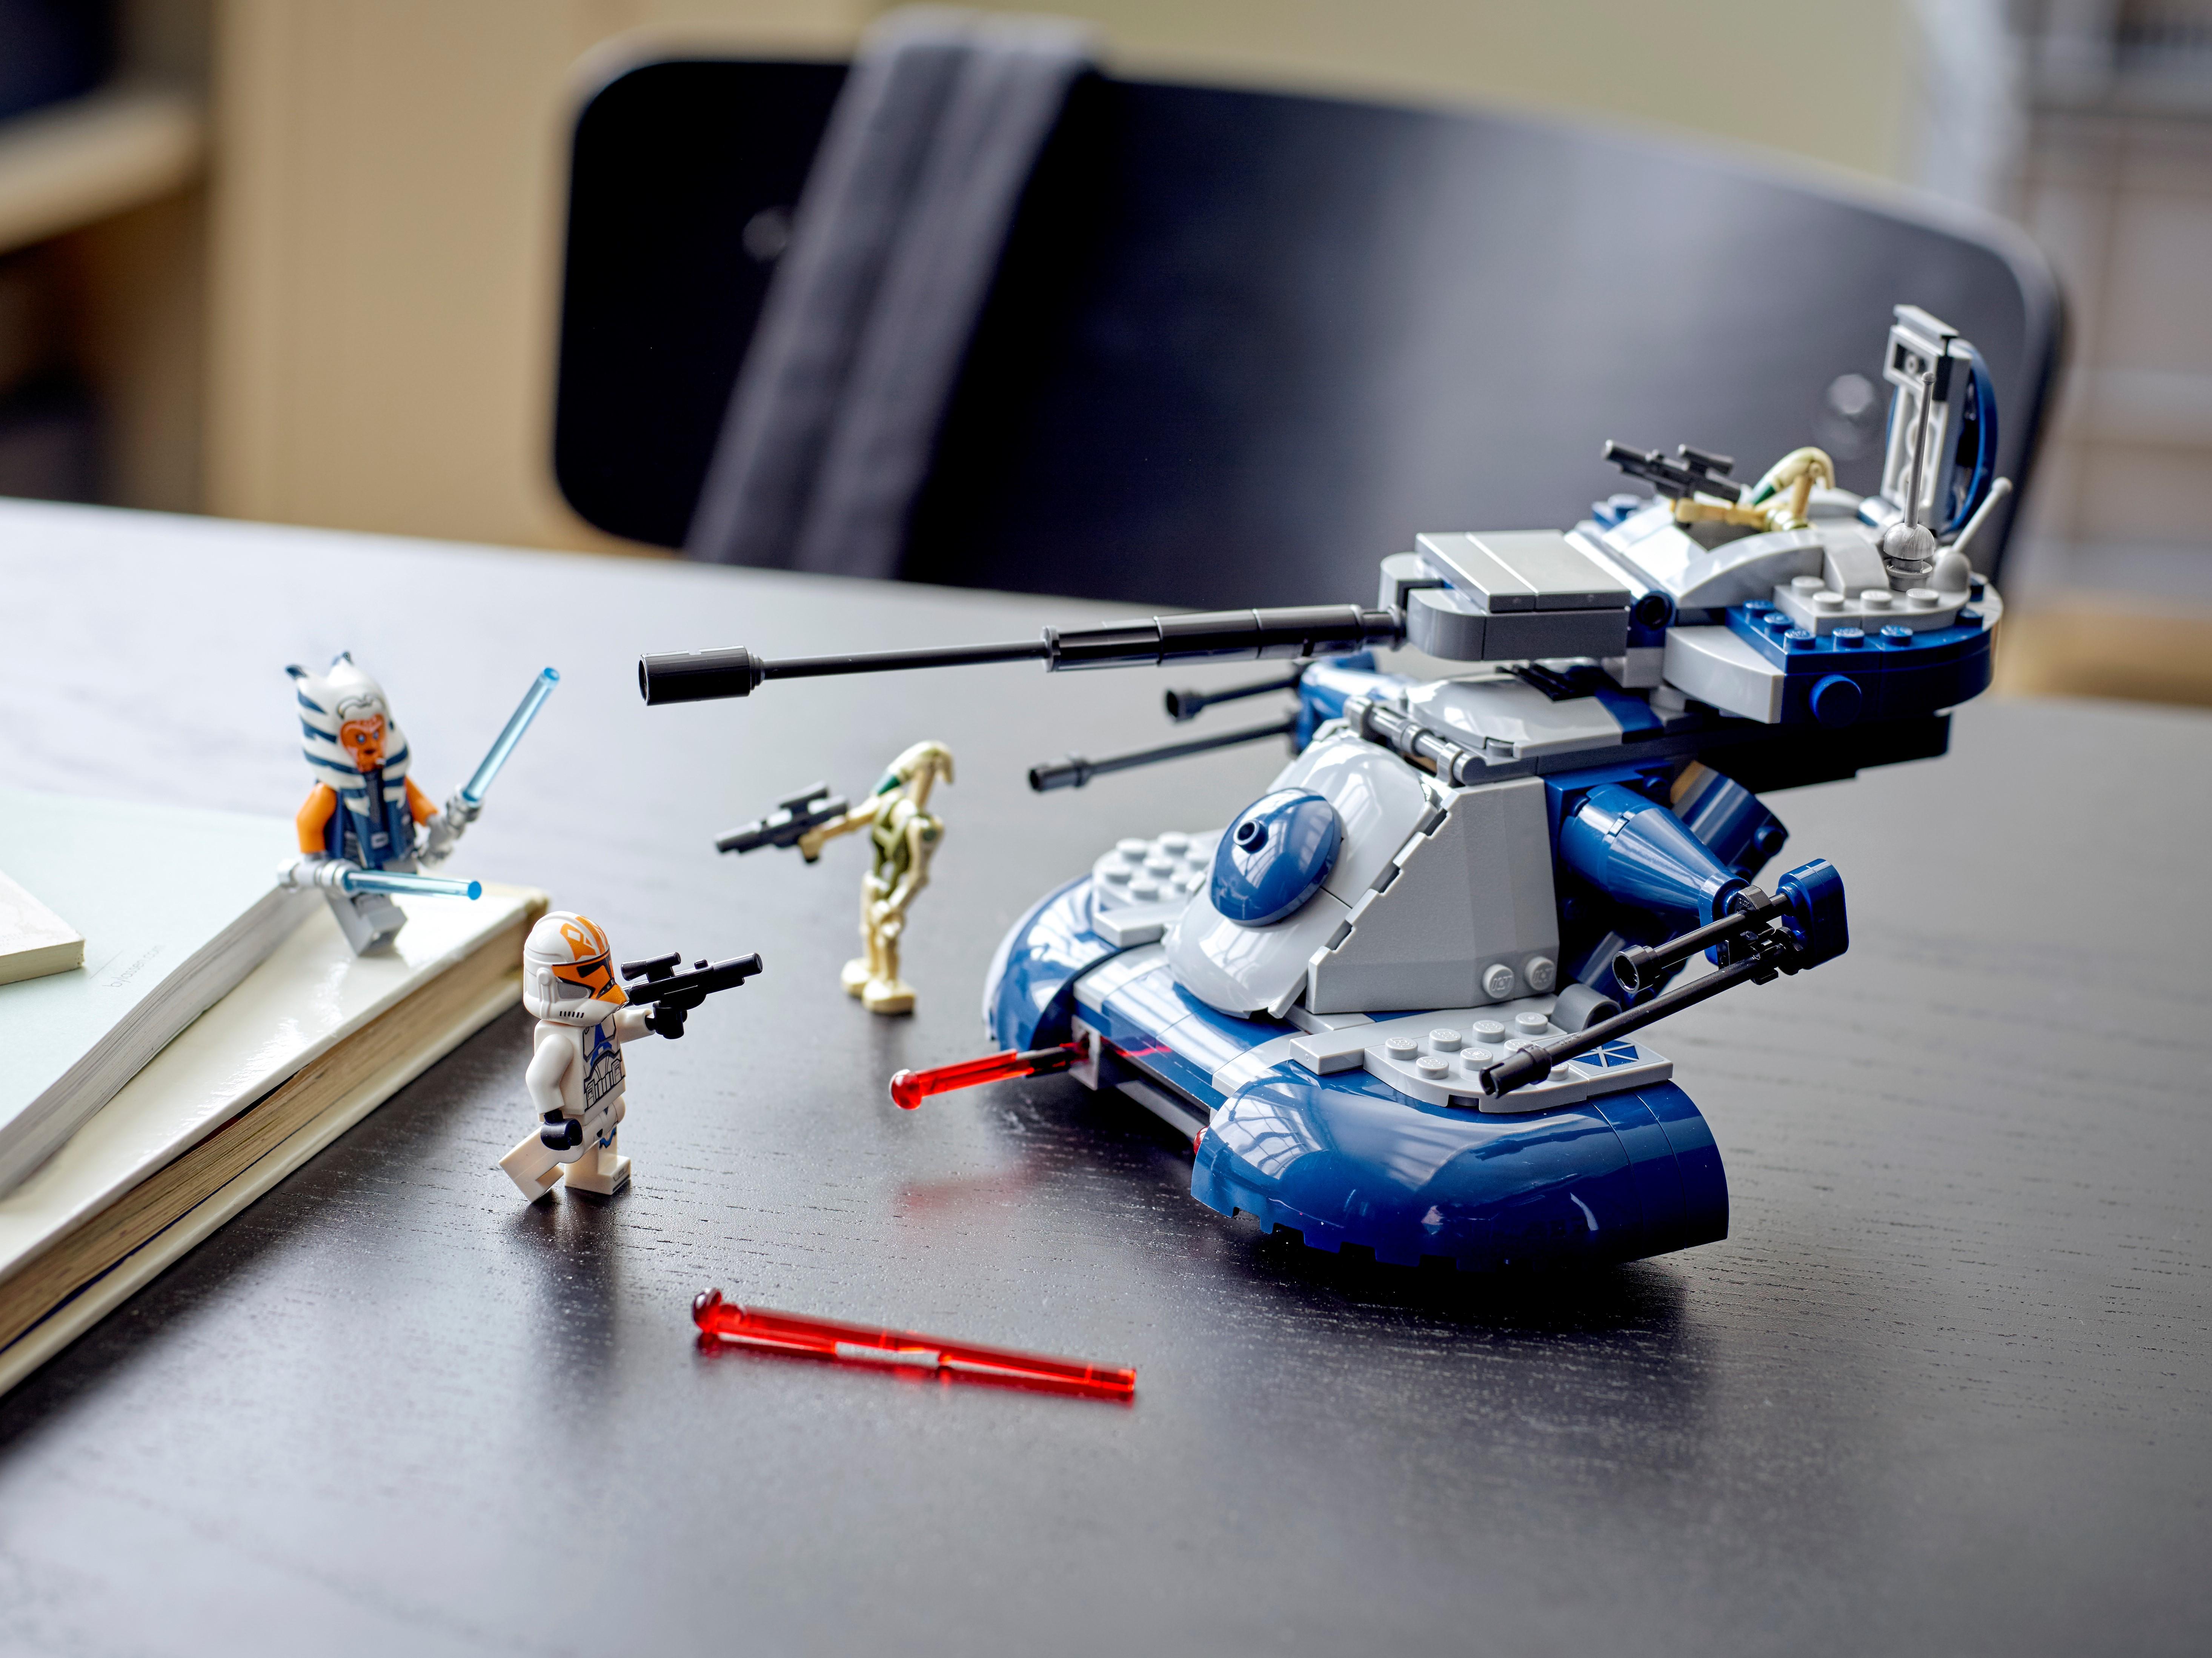 NEU LEGO Star Wars 75283 Armored Assault Tank AAT - Ohne Minifiguren